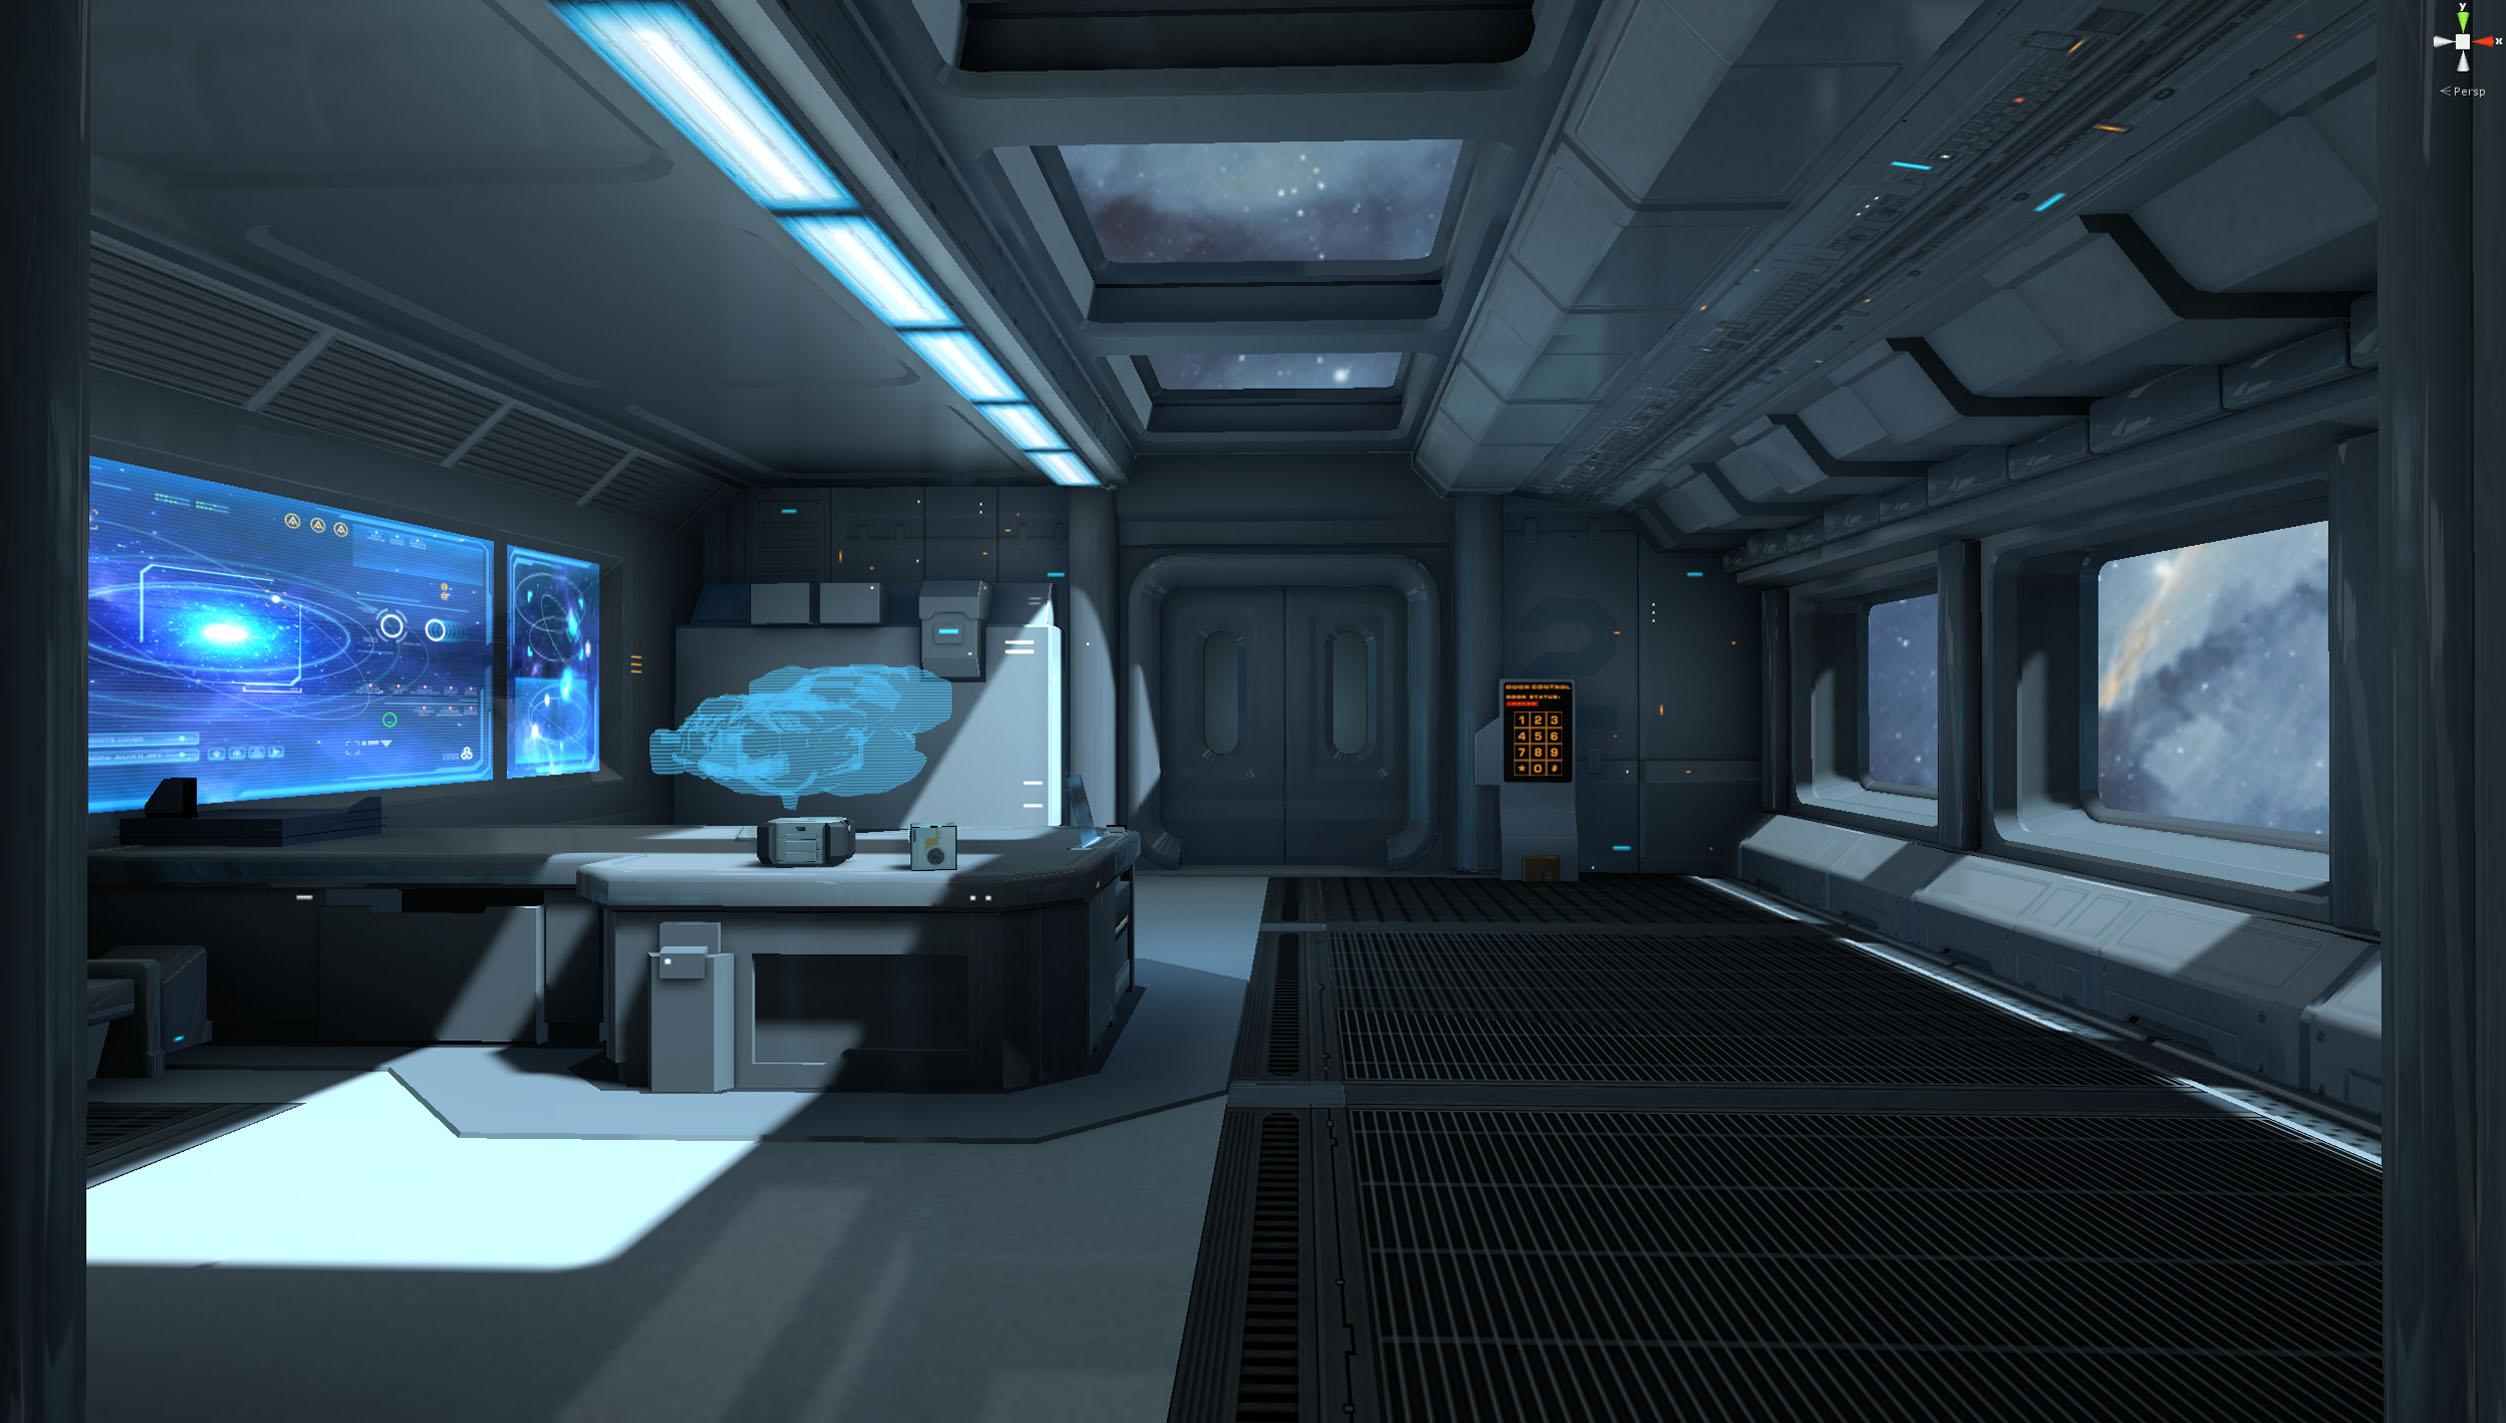 The Artifact screenshot